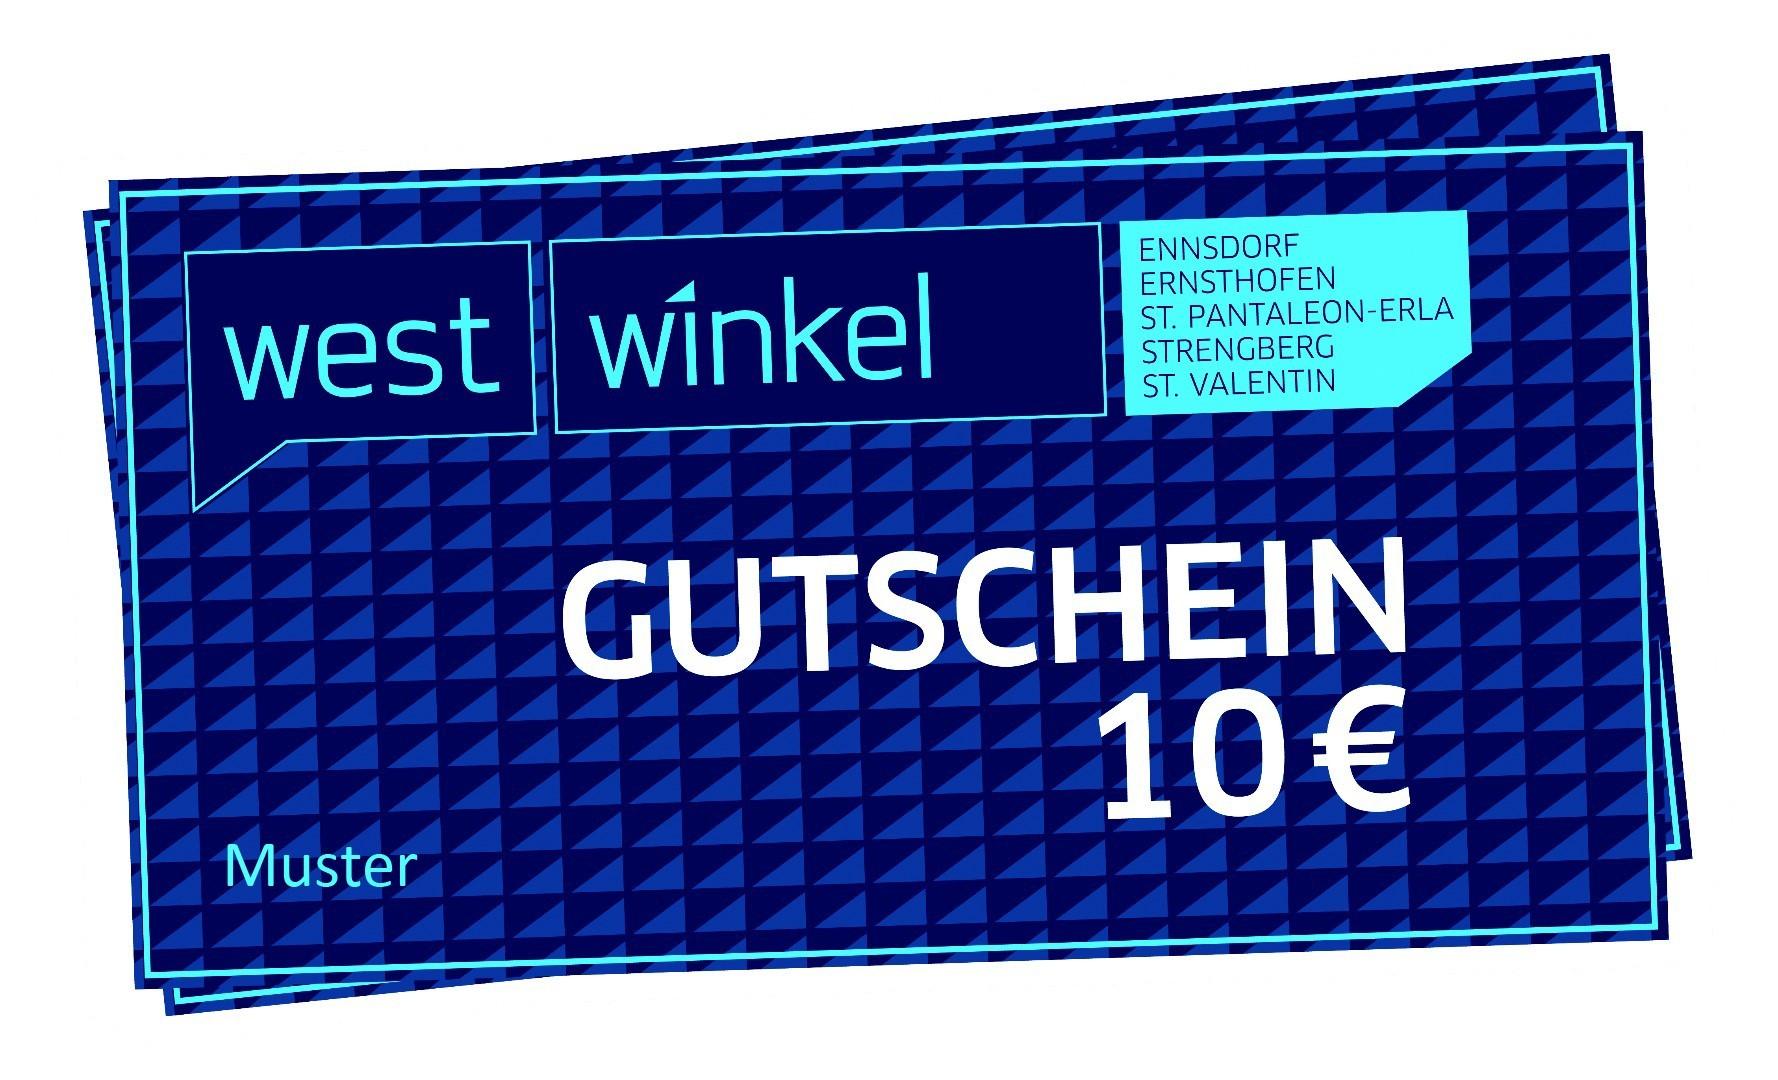 Westwinkel Gutschein